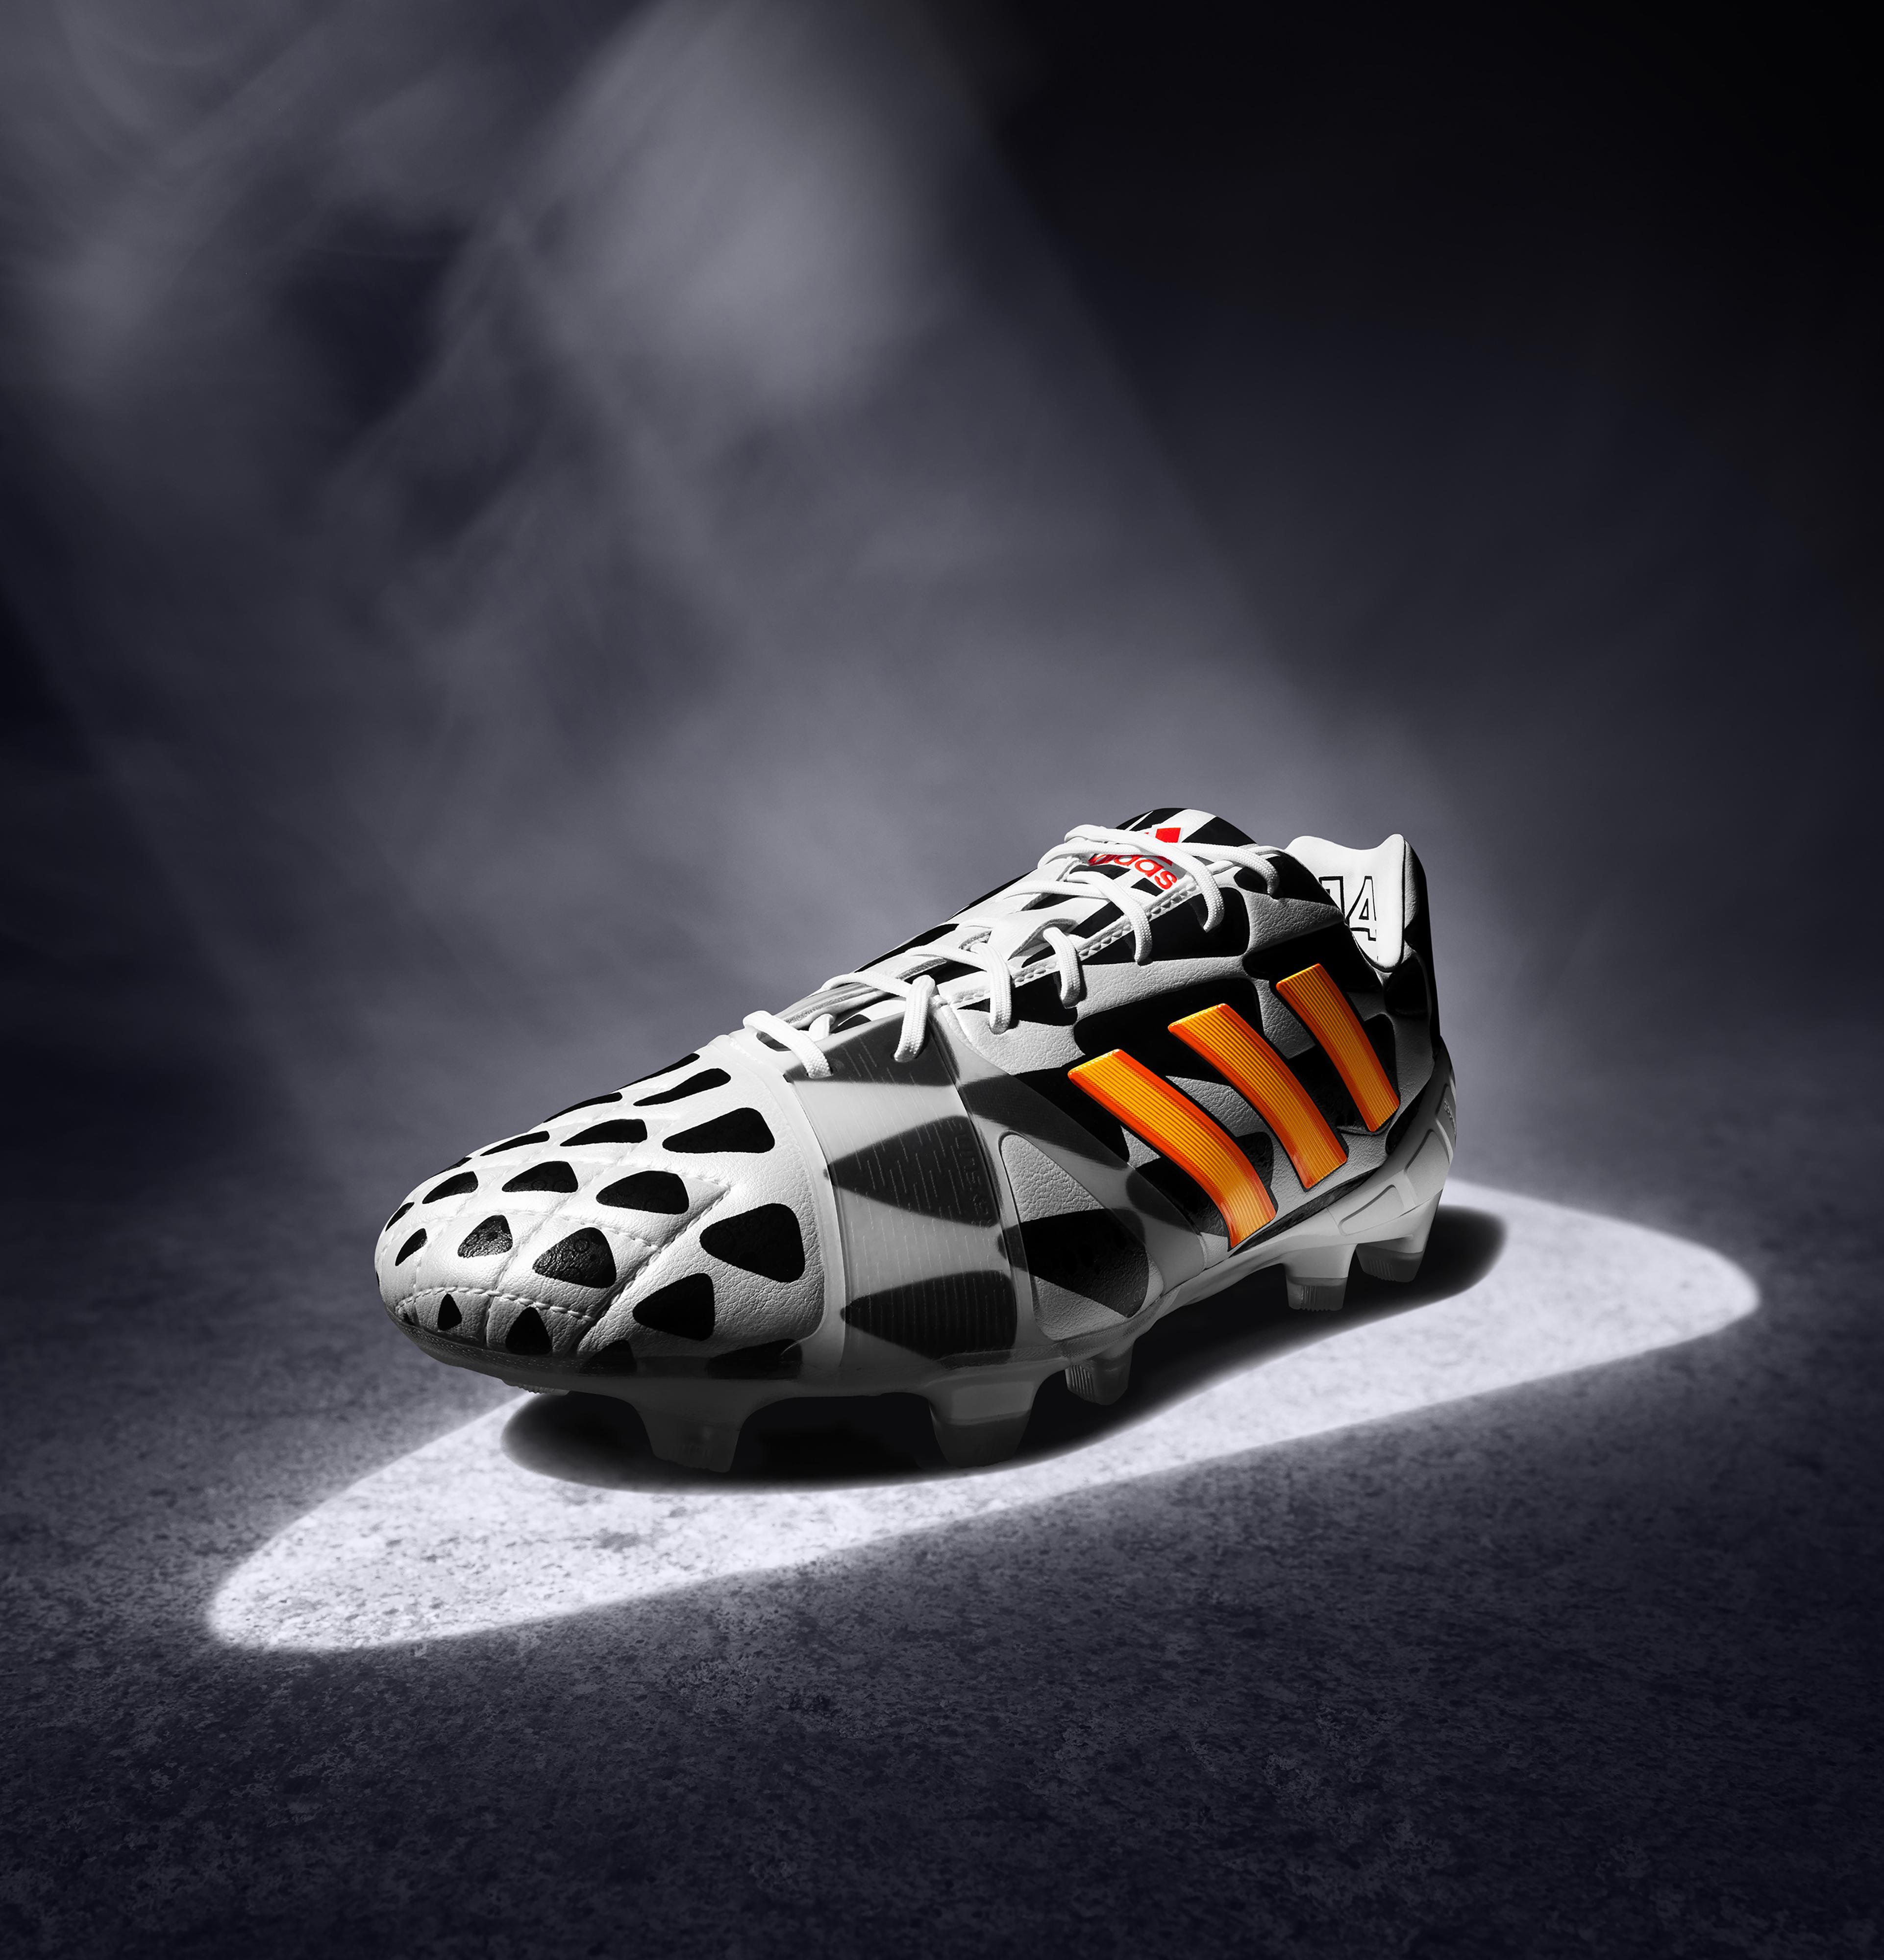 Lance Chaussures Adidas Le Battle Monde Coupe Du PackSes La Pour wPmO80vnyN